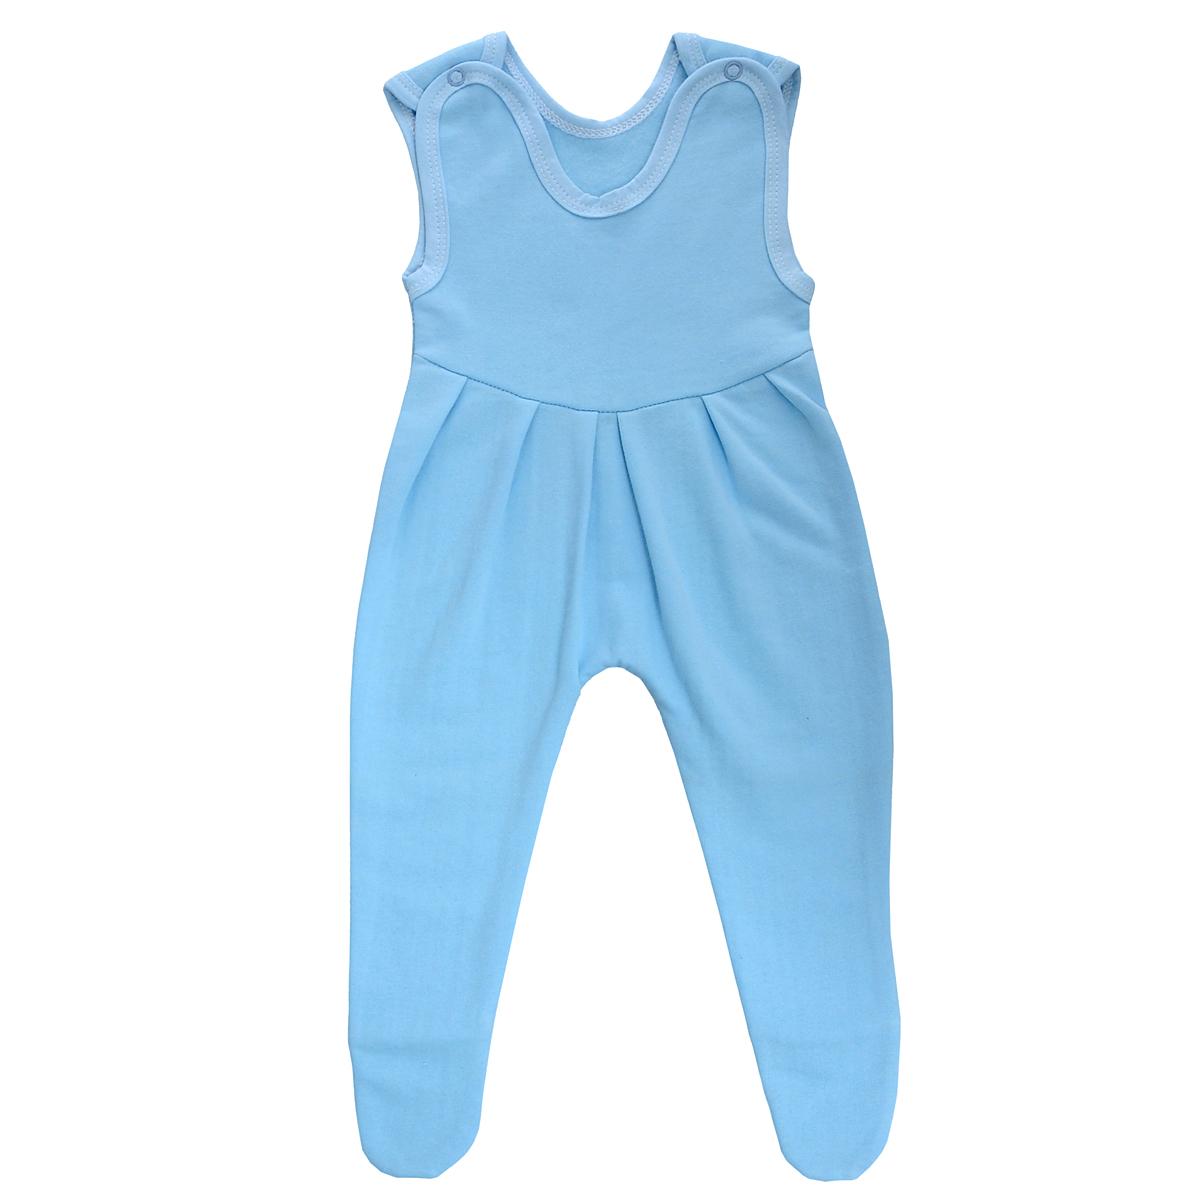 Ползунки с грудкой Трон-плюс, цвет: голубой. 5221. Размер 68, 6 месяцев5221Ползунки с грудкой Трон-плюс - очень удобный и практичный вид одежды для малышей. Ползунки выполнены из футера - натурального хлопка, благодаря чему они необычайно мягкие, тепленькие и приятные на ощупь, не раздражают нежную кожу ребенка и хорошо вентилируются, а эластичные швы приятны телу младенца и не препятствуют его движениям. Ползунки с закрытыми ножками, застегивающиеся сверху на две кнопочки, идеально подойдут вашему ребенку, обеспечивая ему наибольший комфорт, подходят для ношения с подгузником и без него. От линии груди заложены складочки, придающие изделию оригинальность.Ползунки с грудкой полностью соответствуют особенностям жизни младенца в ранний период, не стесняя и не ограничивая его в движениях!